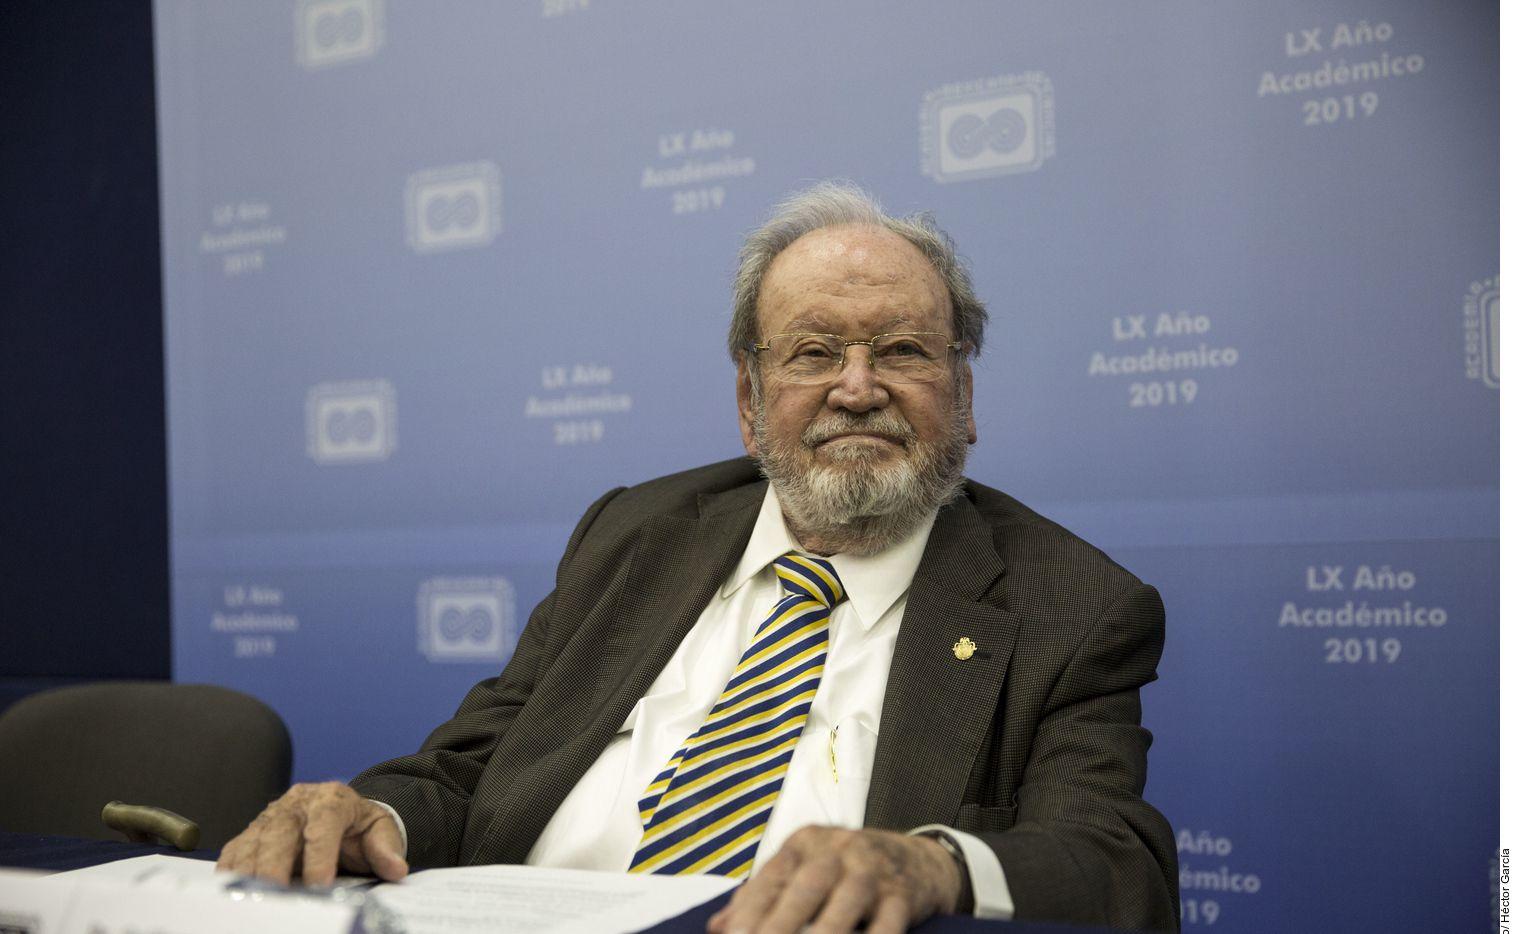 En su gestión al frente de la UNAM Guillermo Soberón Acevedo fue criticado en 1977 porque permitió la entrada de la policía a CU para detener a sindicalistas y romper una huelga.